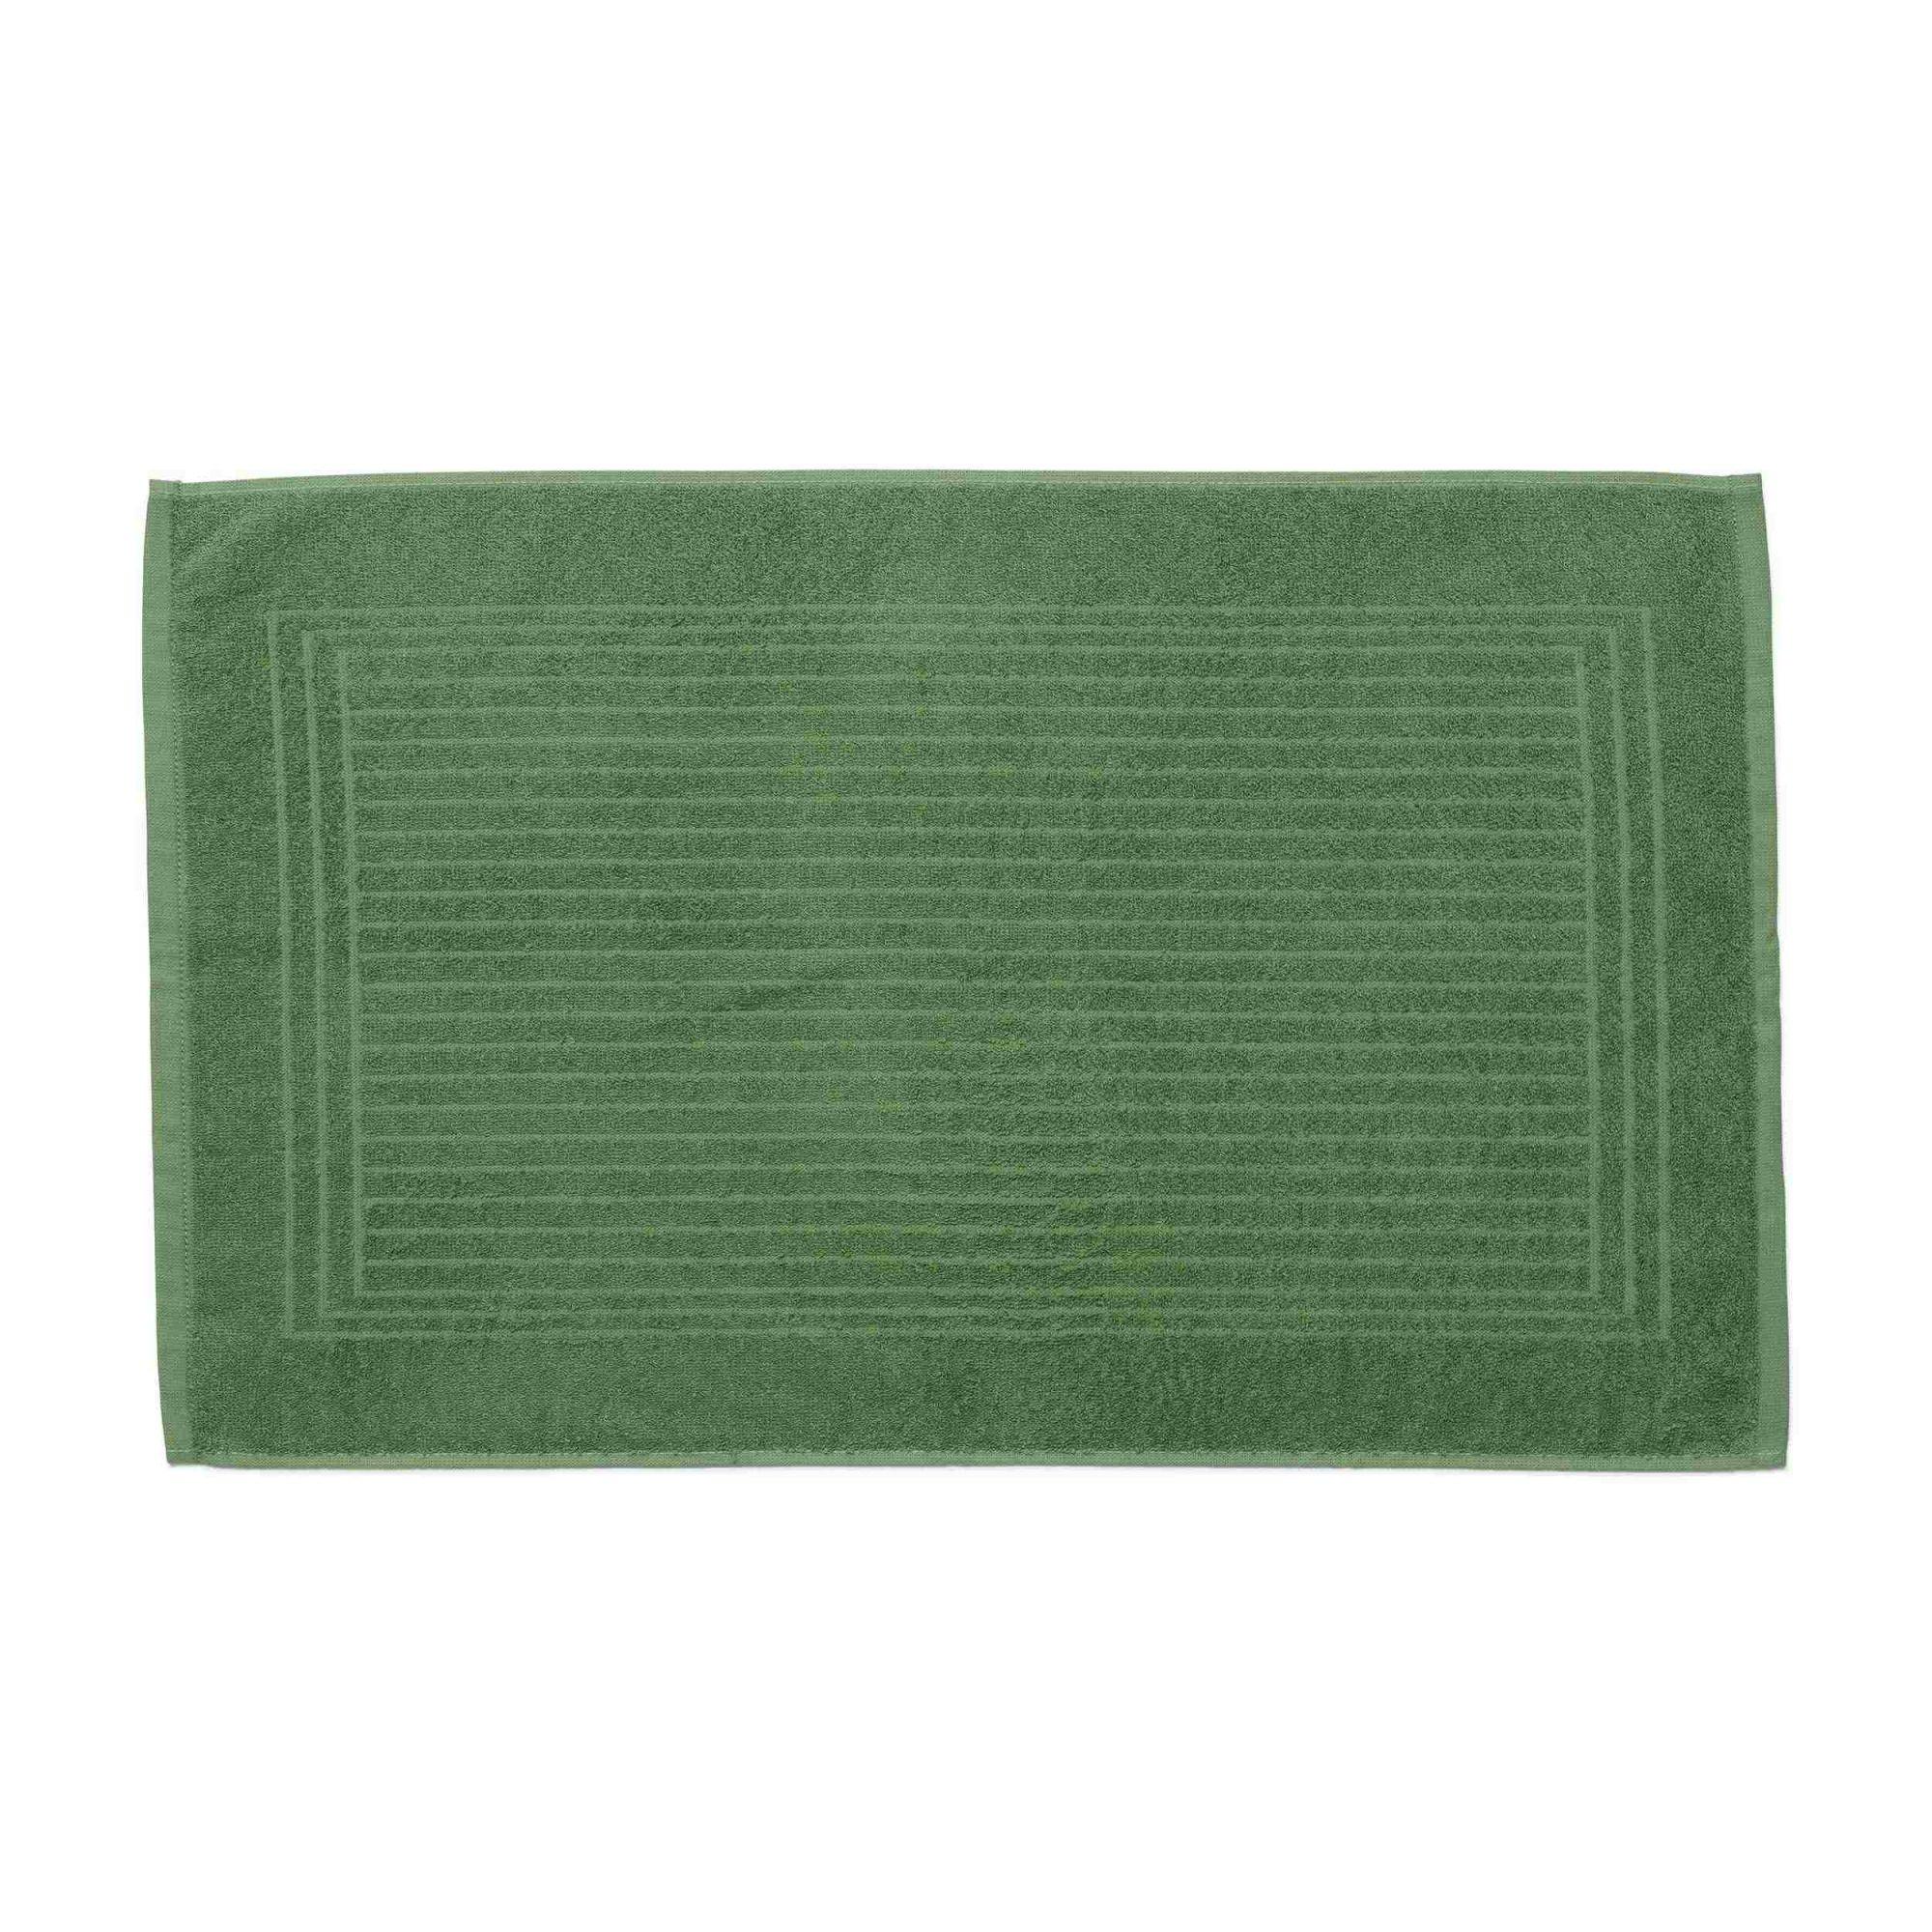 Piso para banheiro cedro santista 45cm x 70cm 100% algodao verde